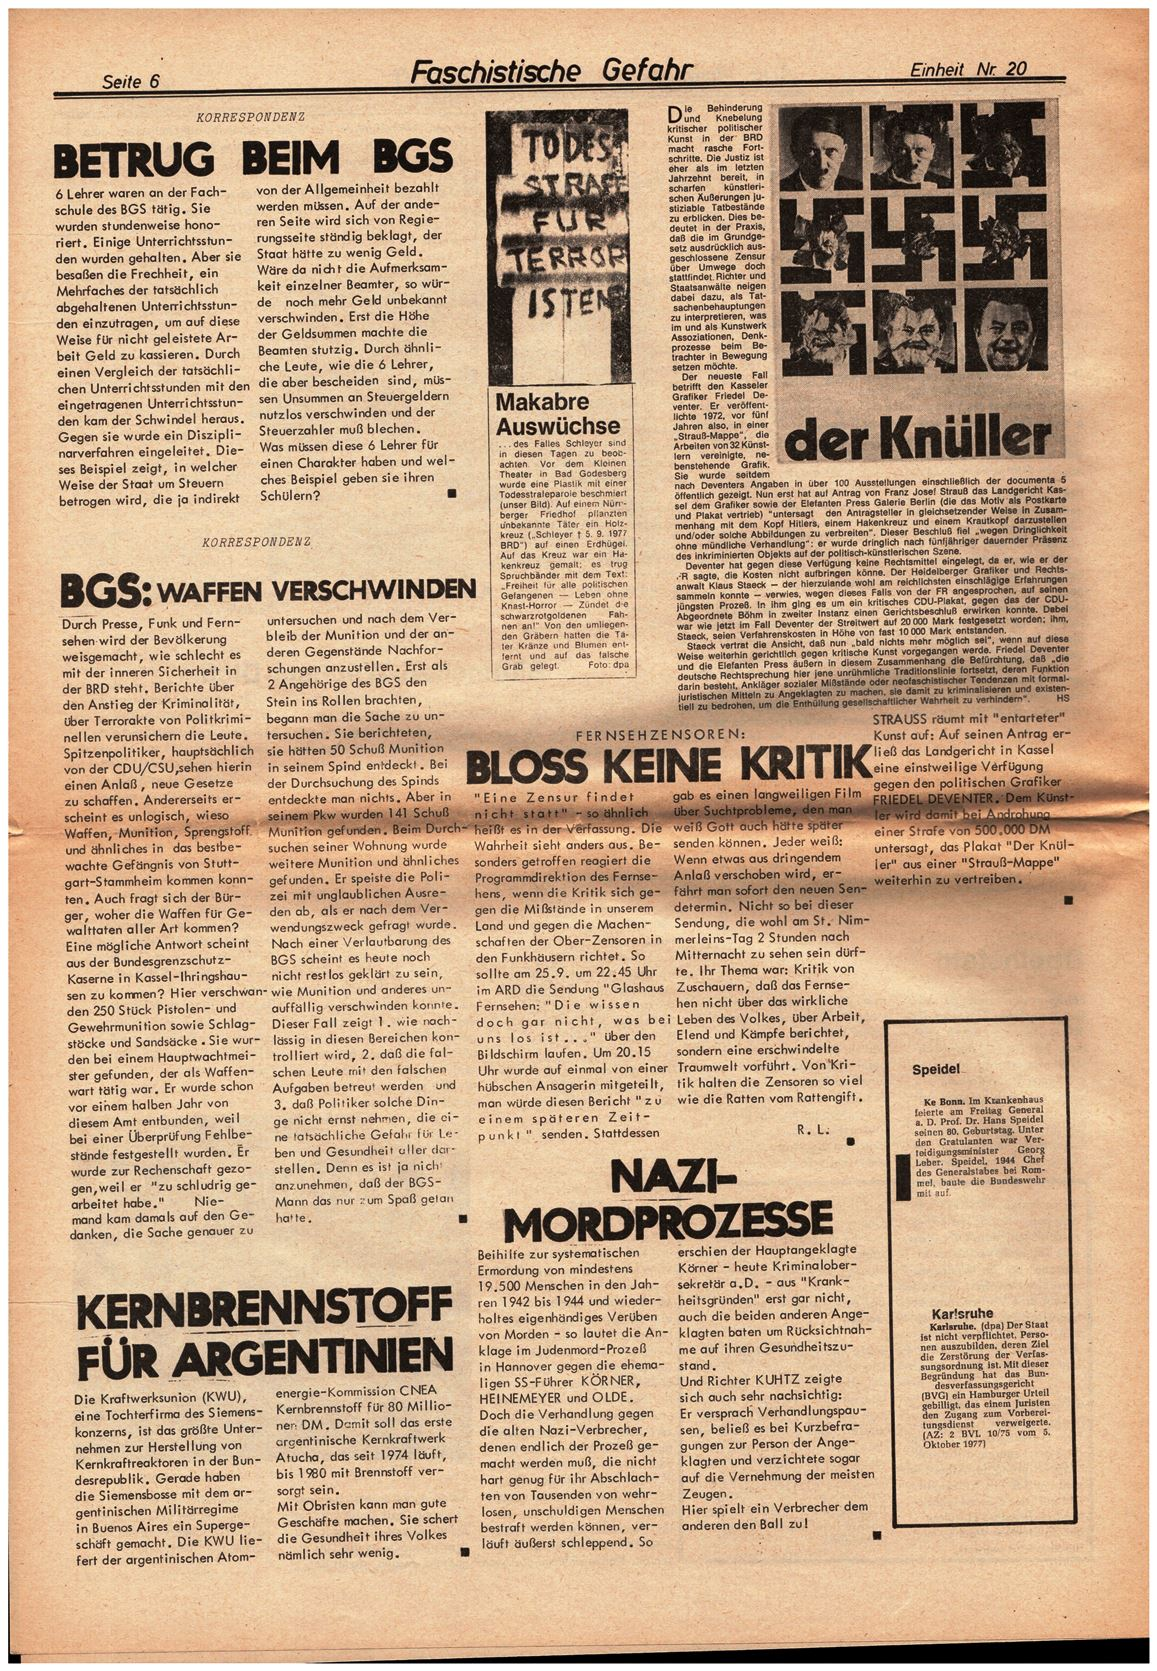 Koeln_IPdA_Einheit_1977_020_006